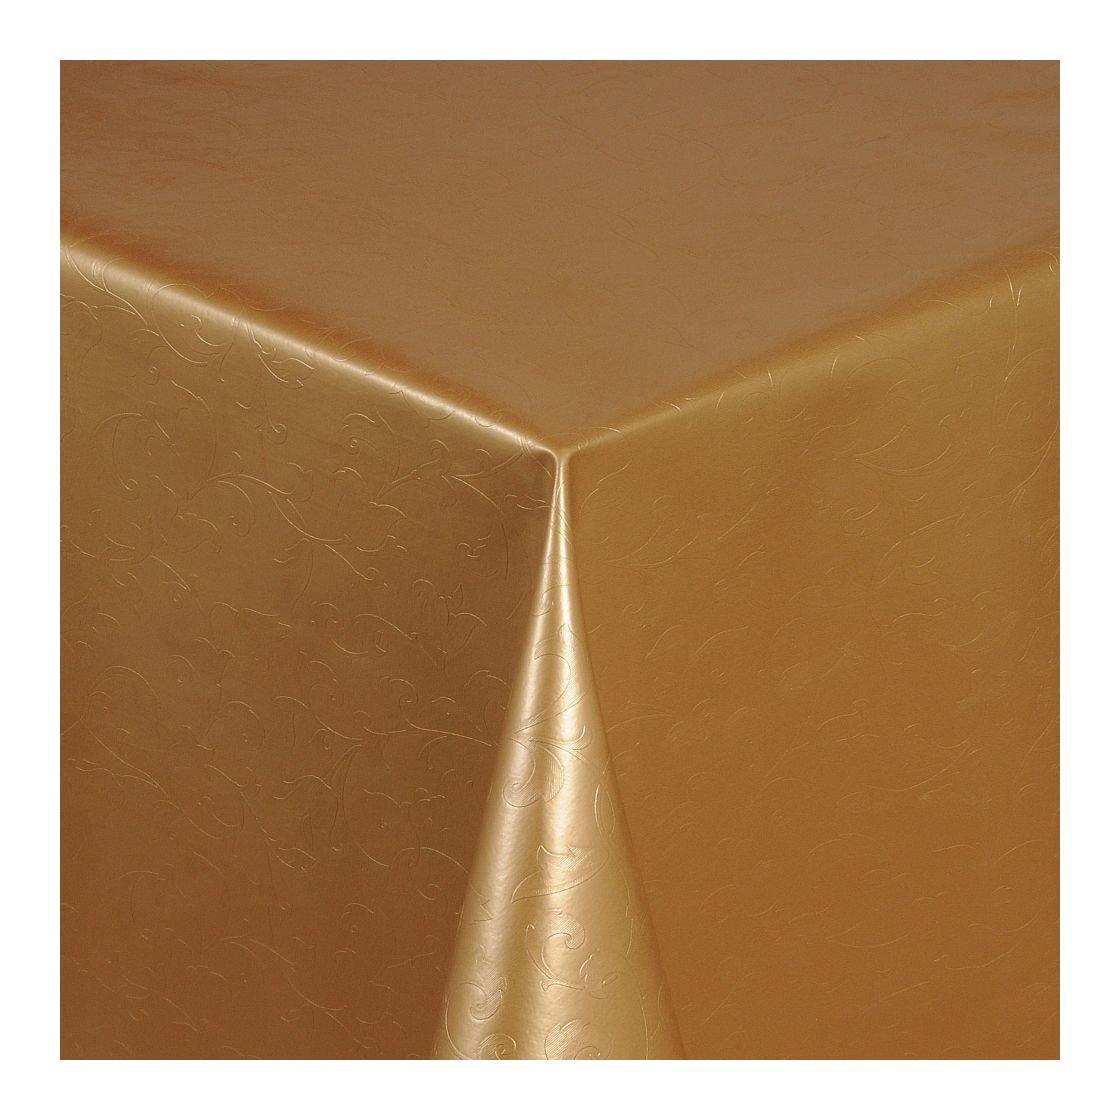 Wachstuch Tischdecke Wachstischdecke Gartentischdecke, Abwaschbar Meterware, Länge wählbar, Hochwertig Hochwertig Hochwertig Geprägtes Ranken Design in Gold (305-10) 1000cm x 140cm ff4532